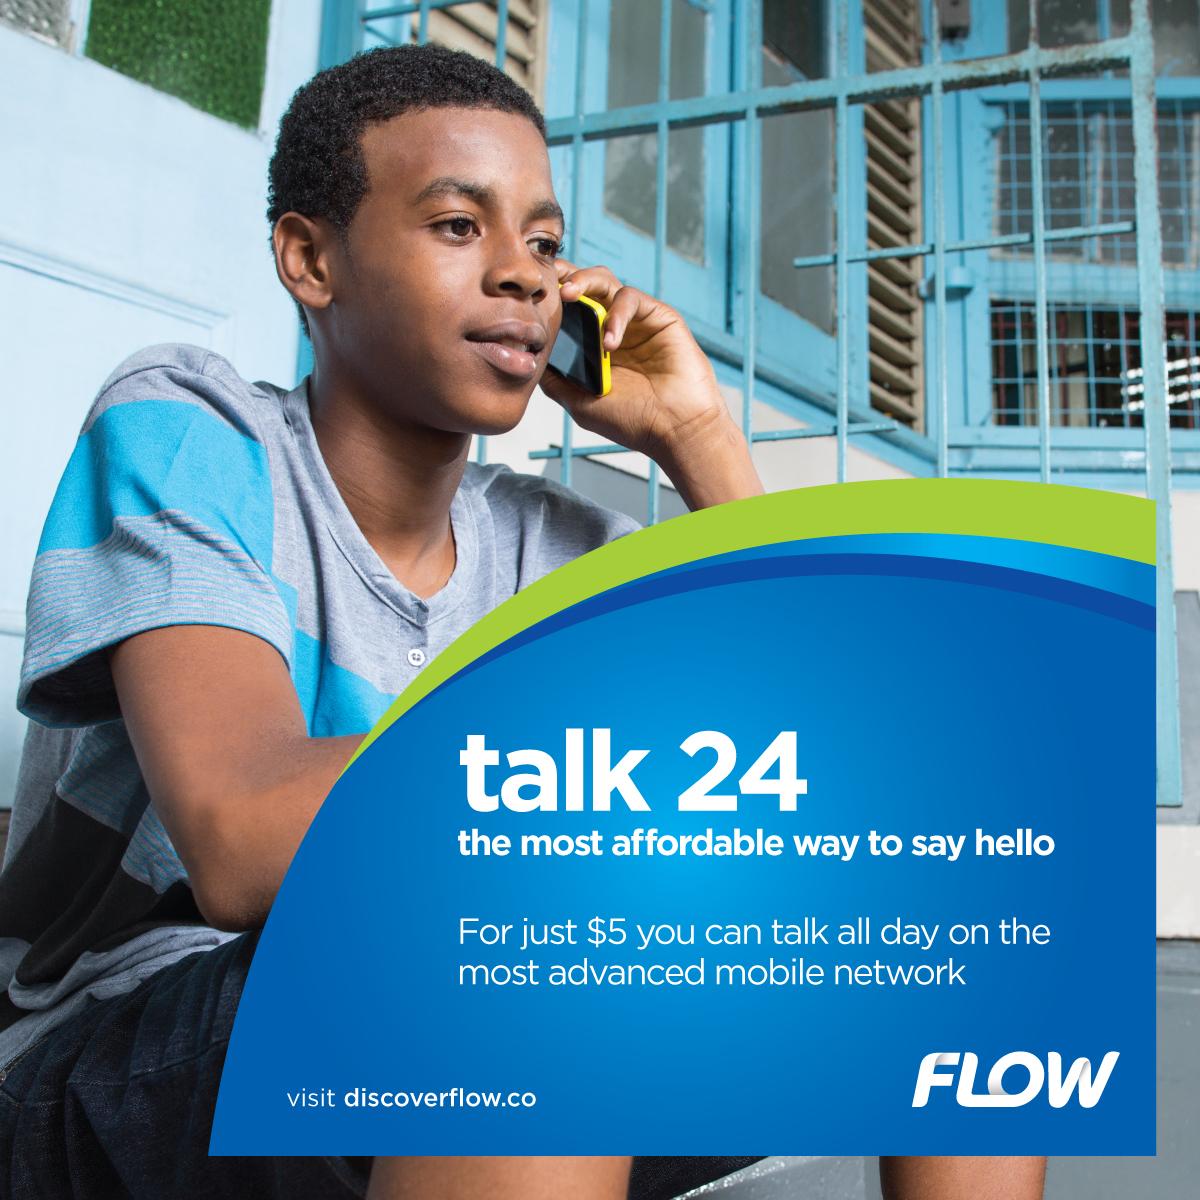 Talk 24